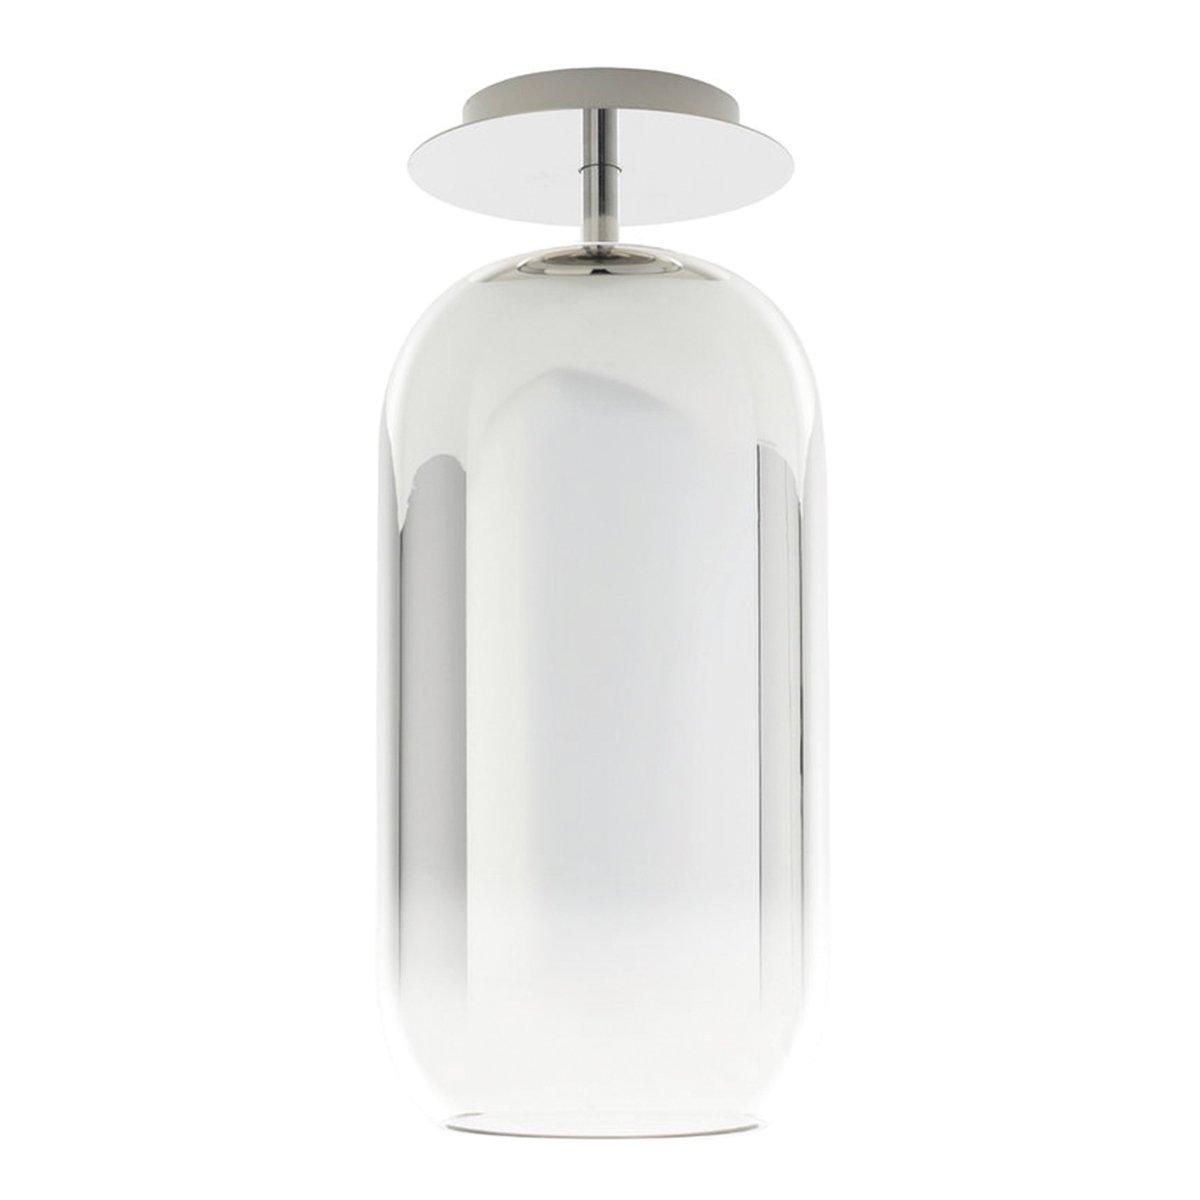 Artemide Gople Plafondlamp - Zilver